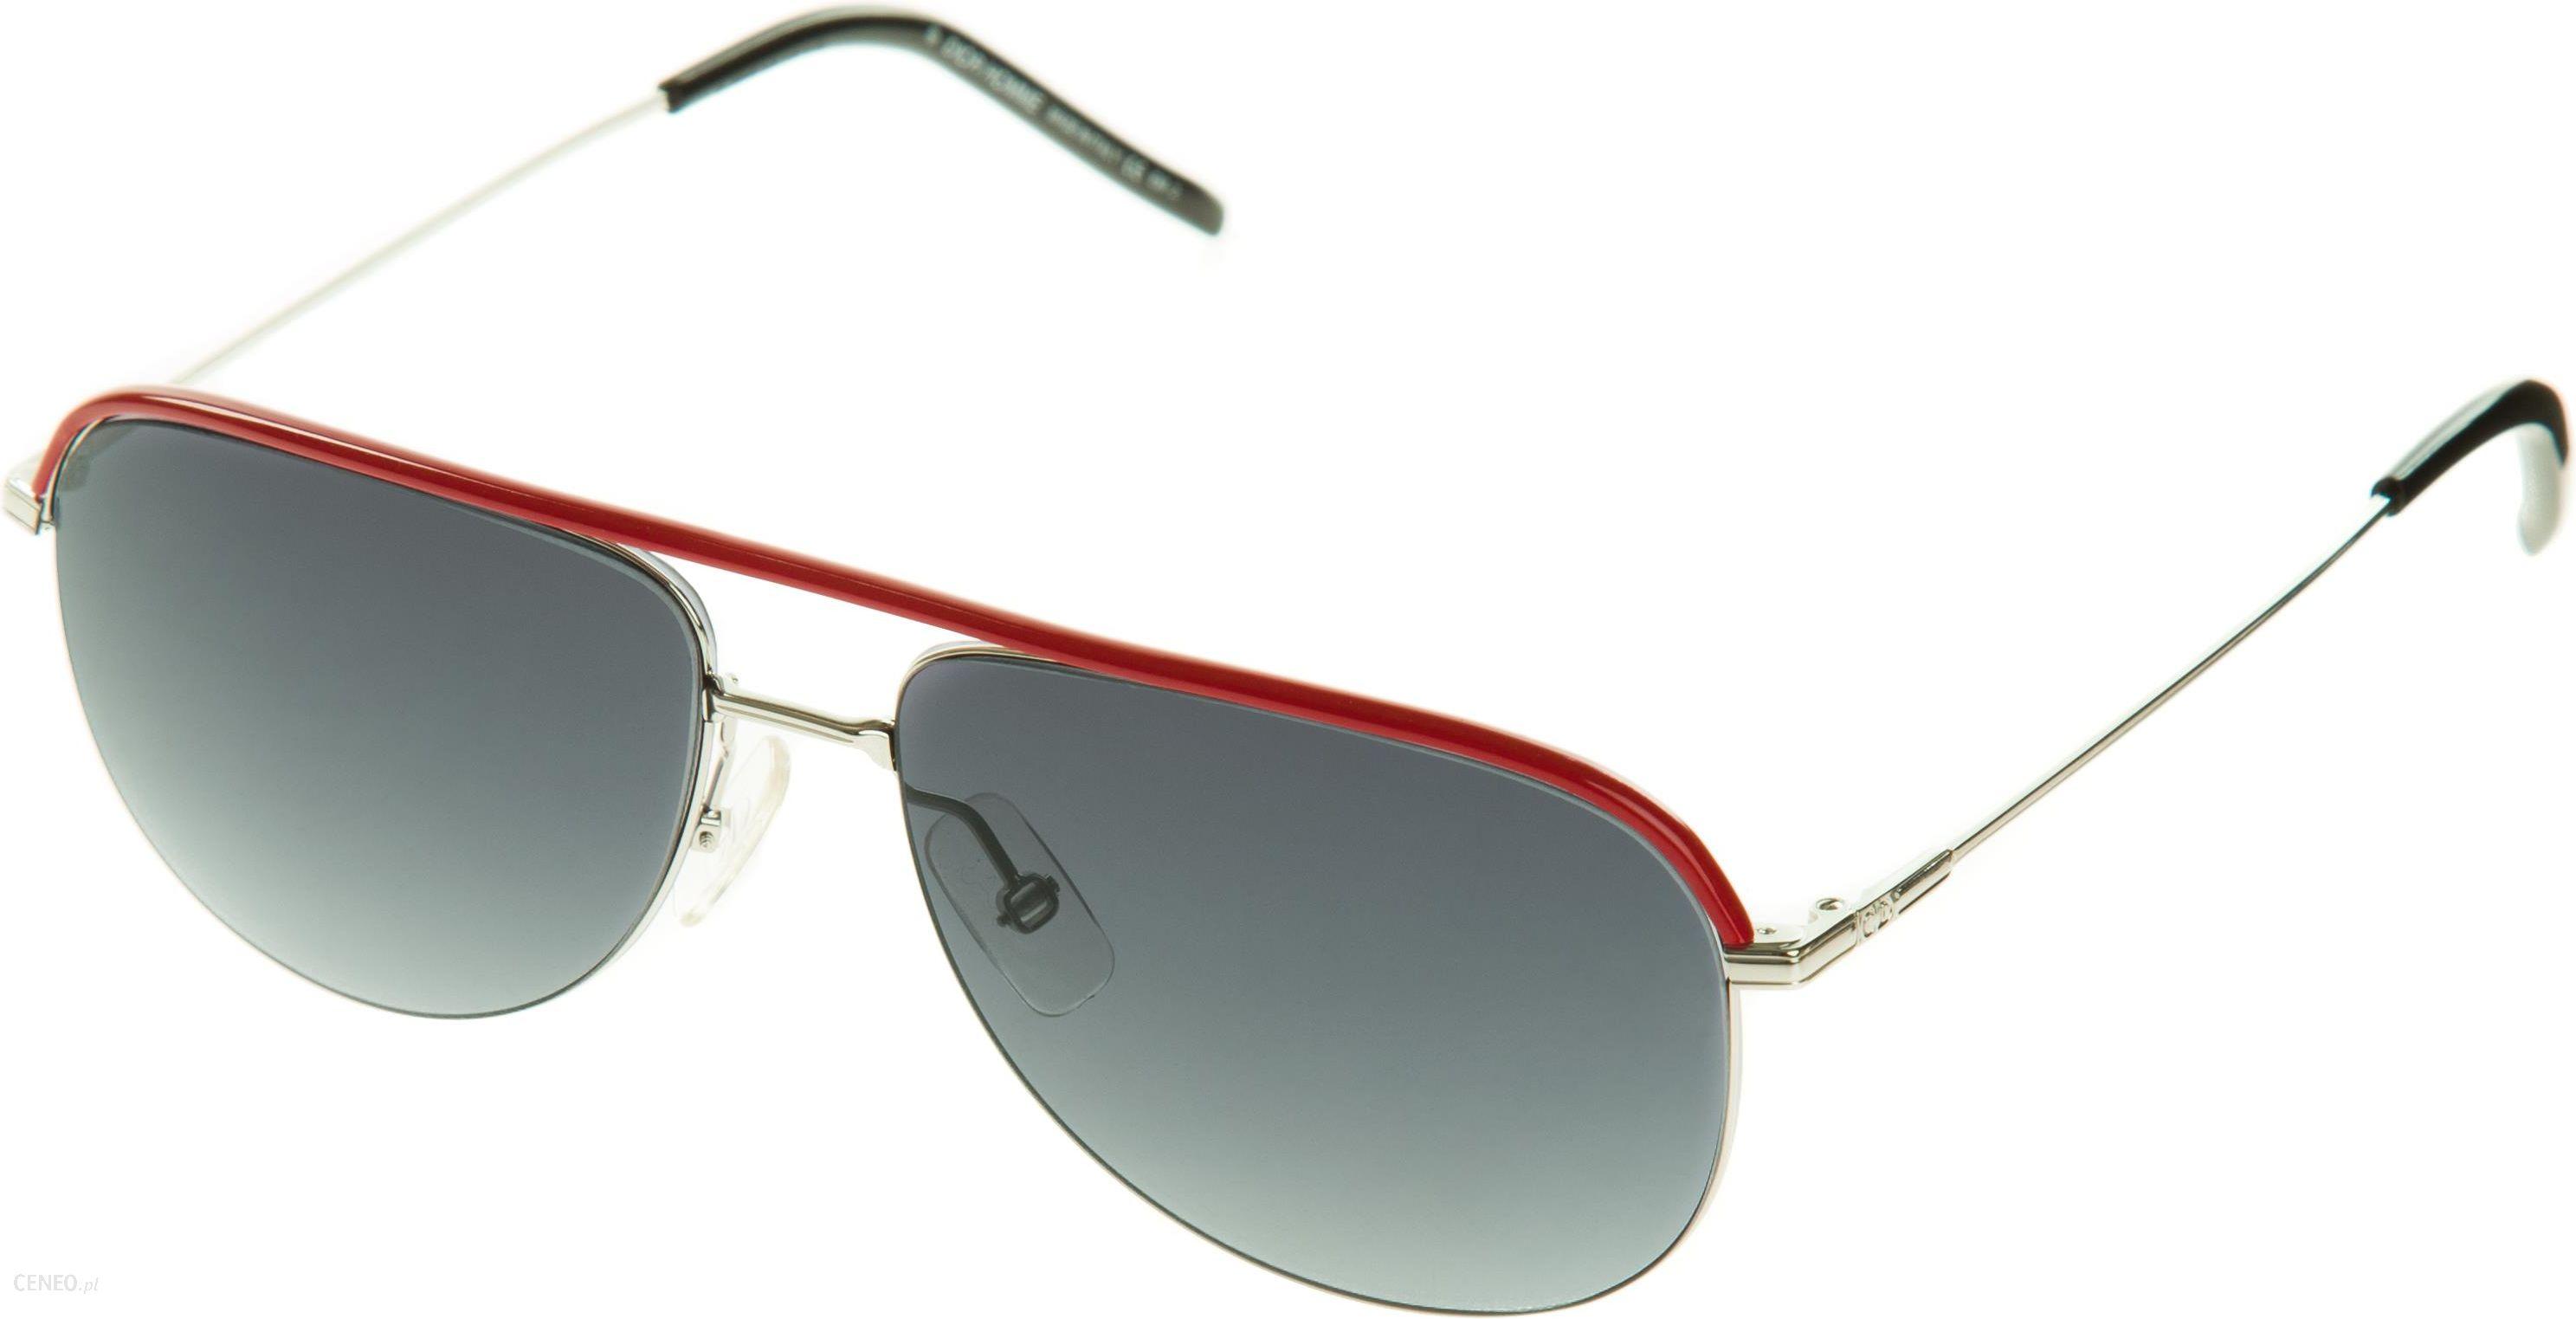 Dior Okulary przeciwsłoneczne Srebrny UNI - Ceny i opinie - Ceneo.pl d6ccfe486e